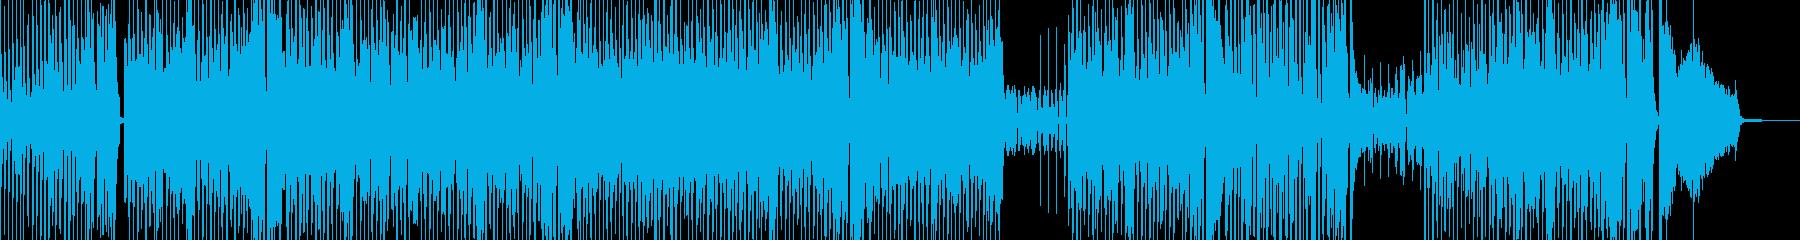 カートゥーン調のトランぺット&ジャズの再生済みの波形